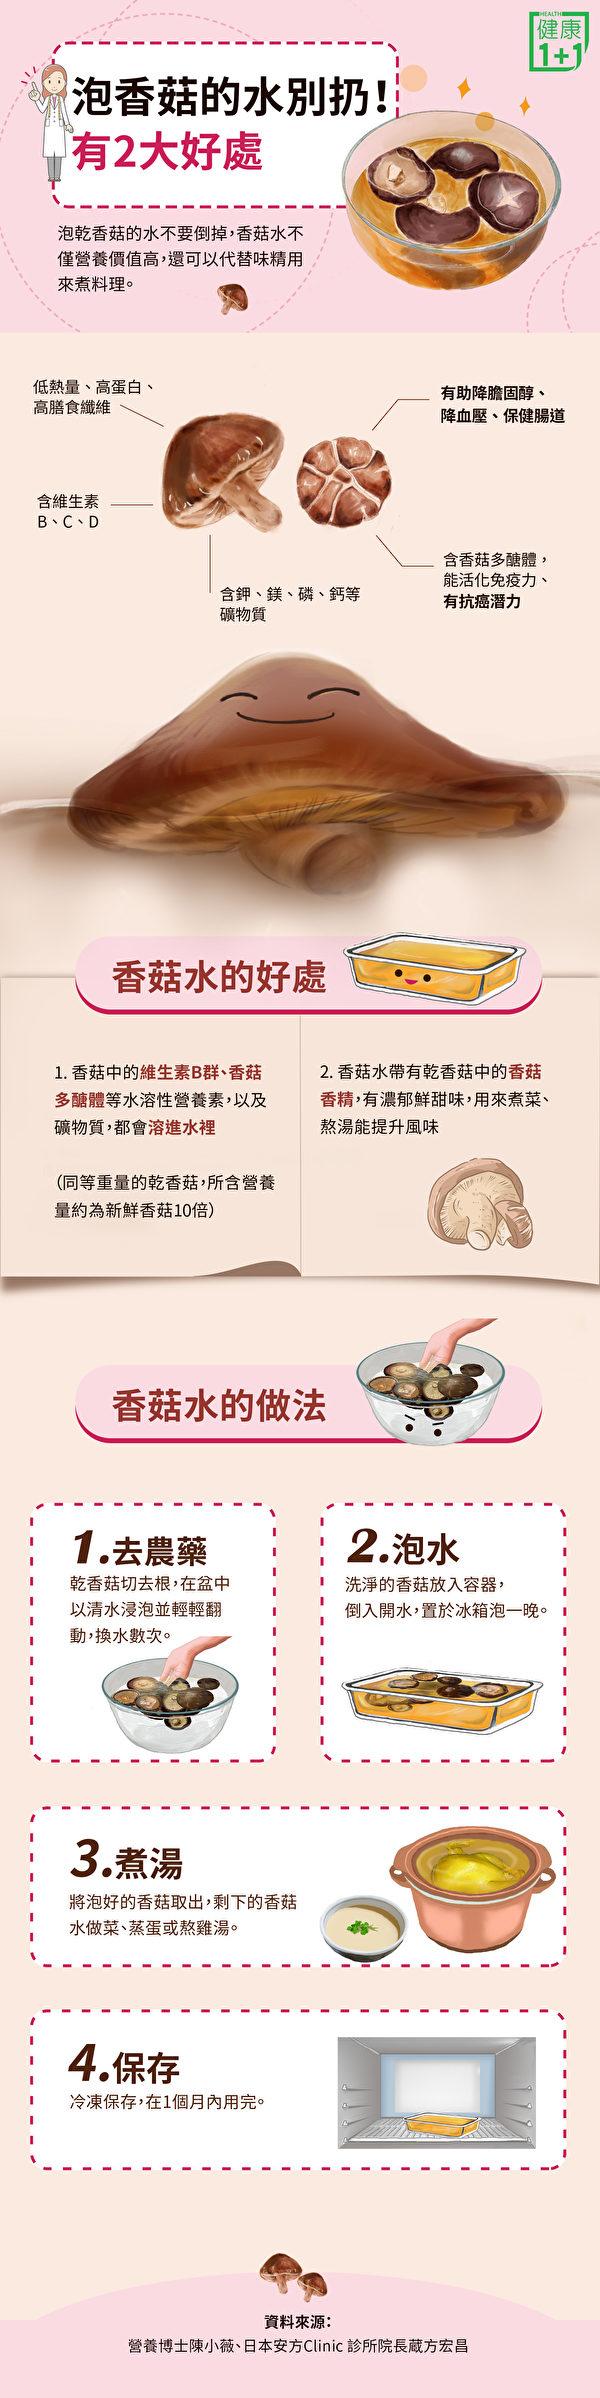 泡香菇的水营养丰富,还可以代替味精,教你自制香菇水。(健康1+1/大纪元)